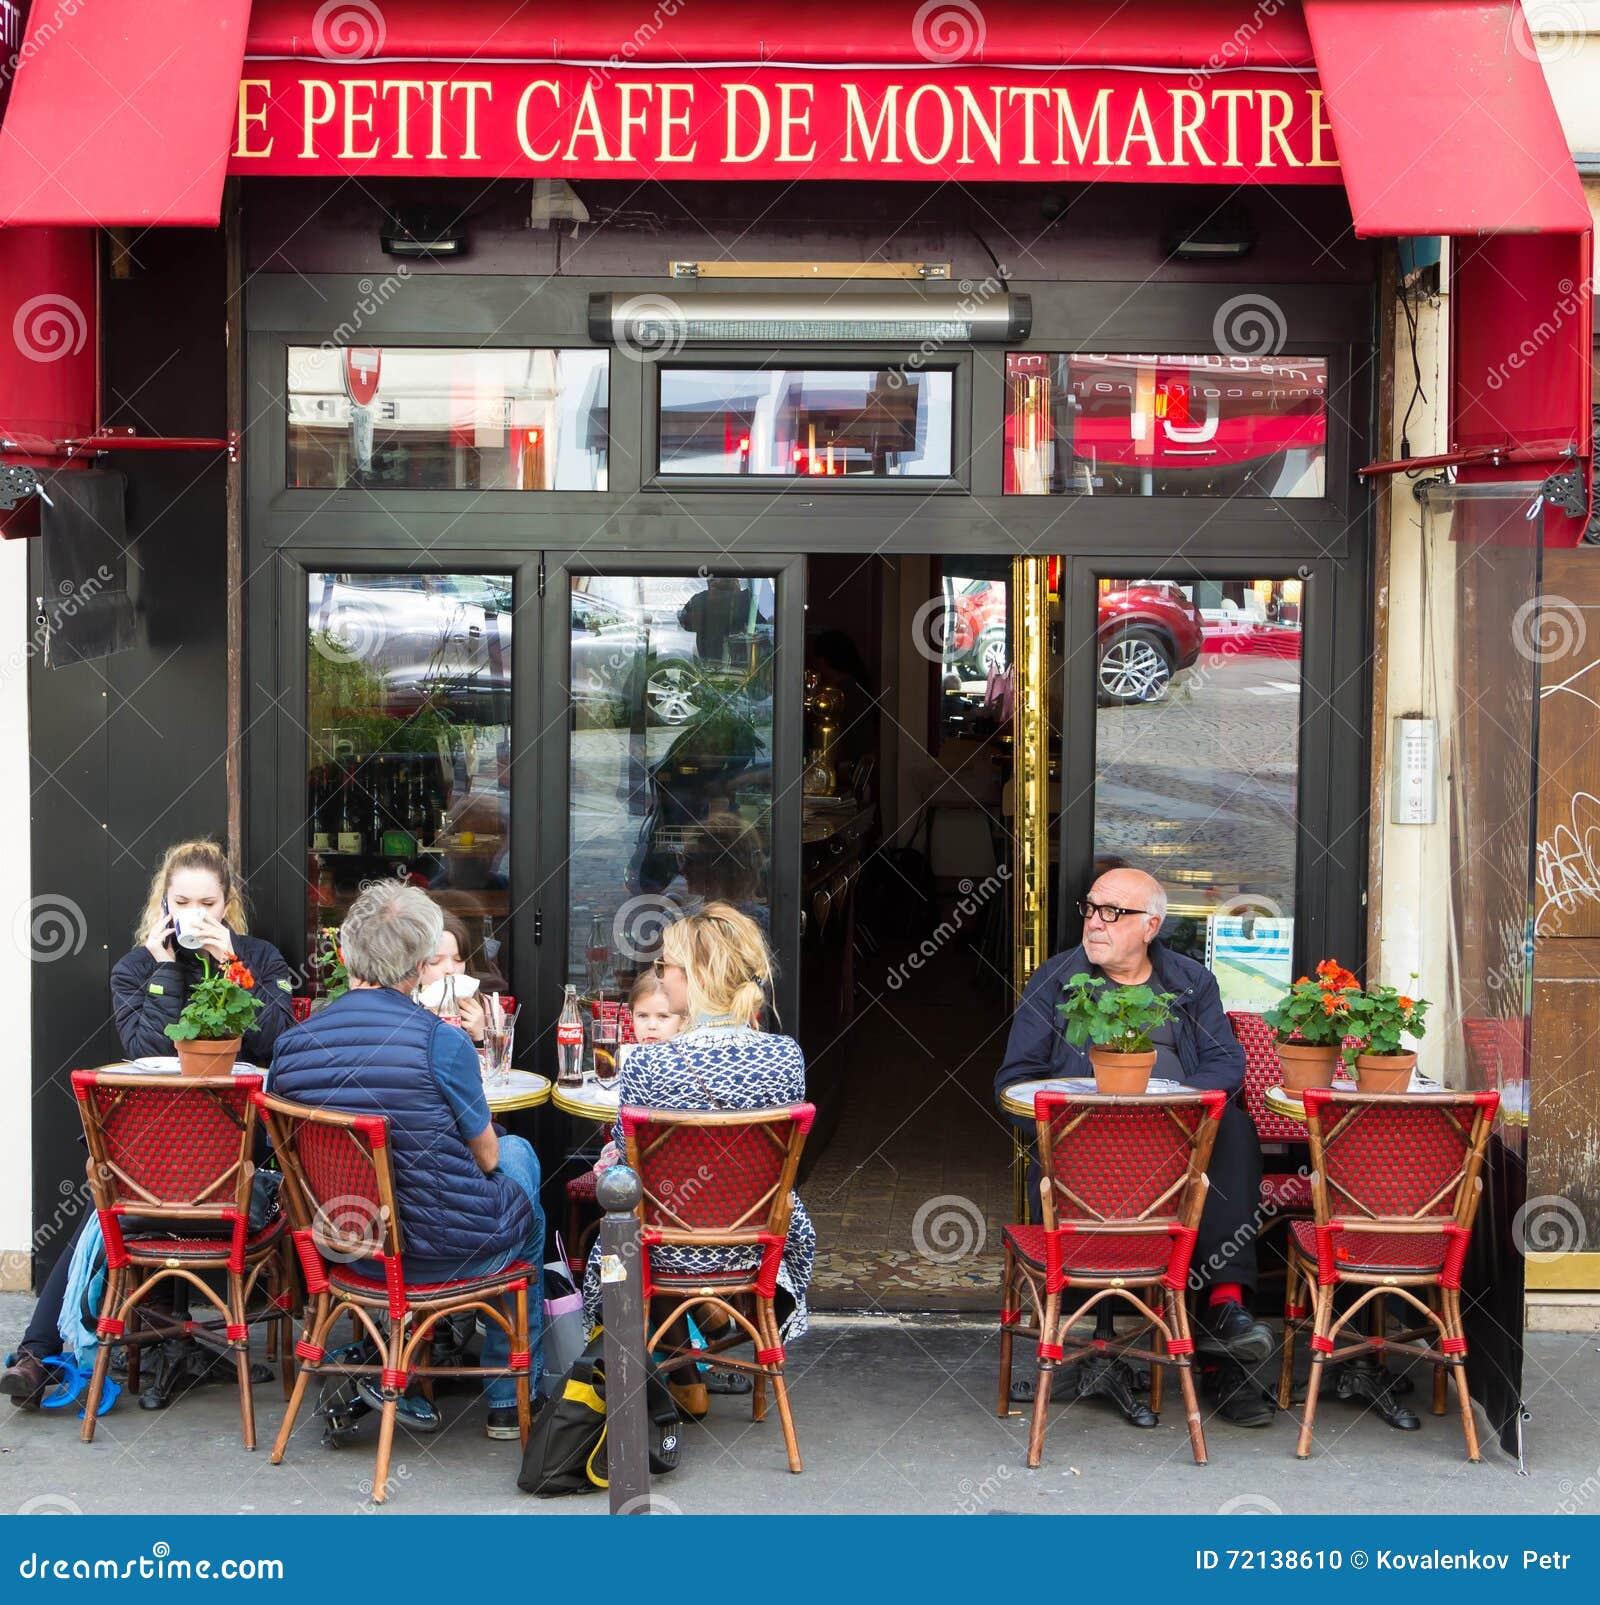 Le petit caf de montmartre paris france image ditorial for Petit restaurant